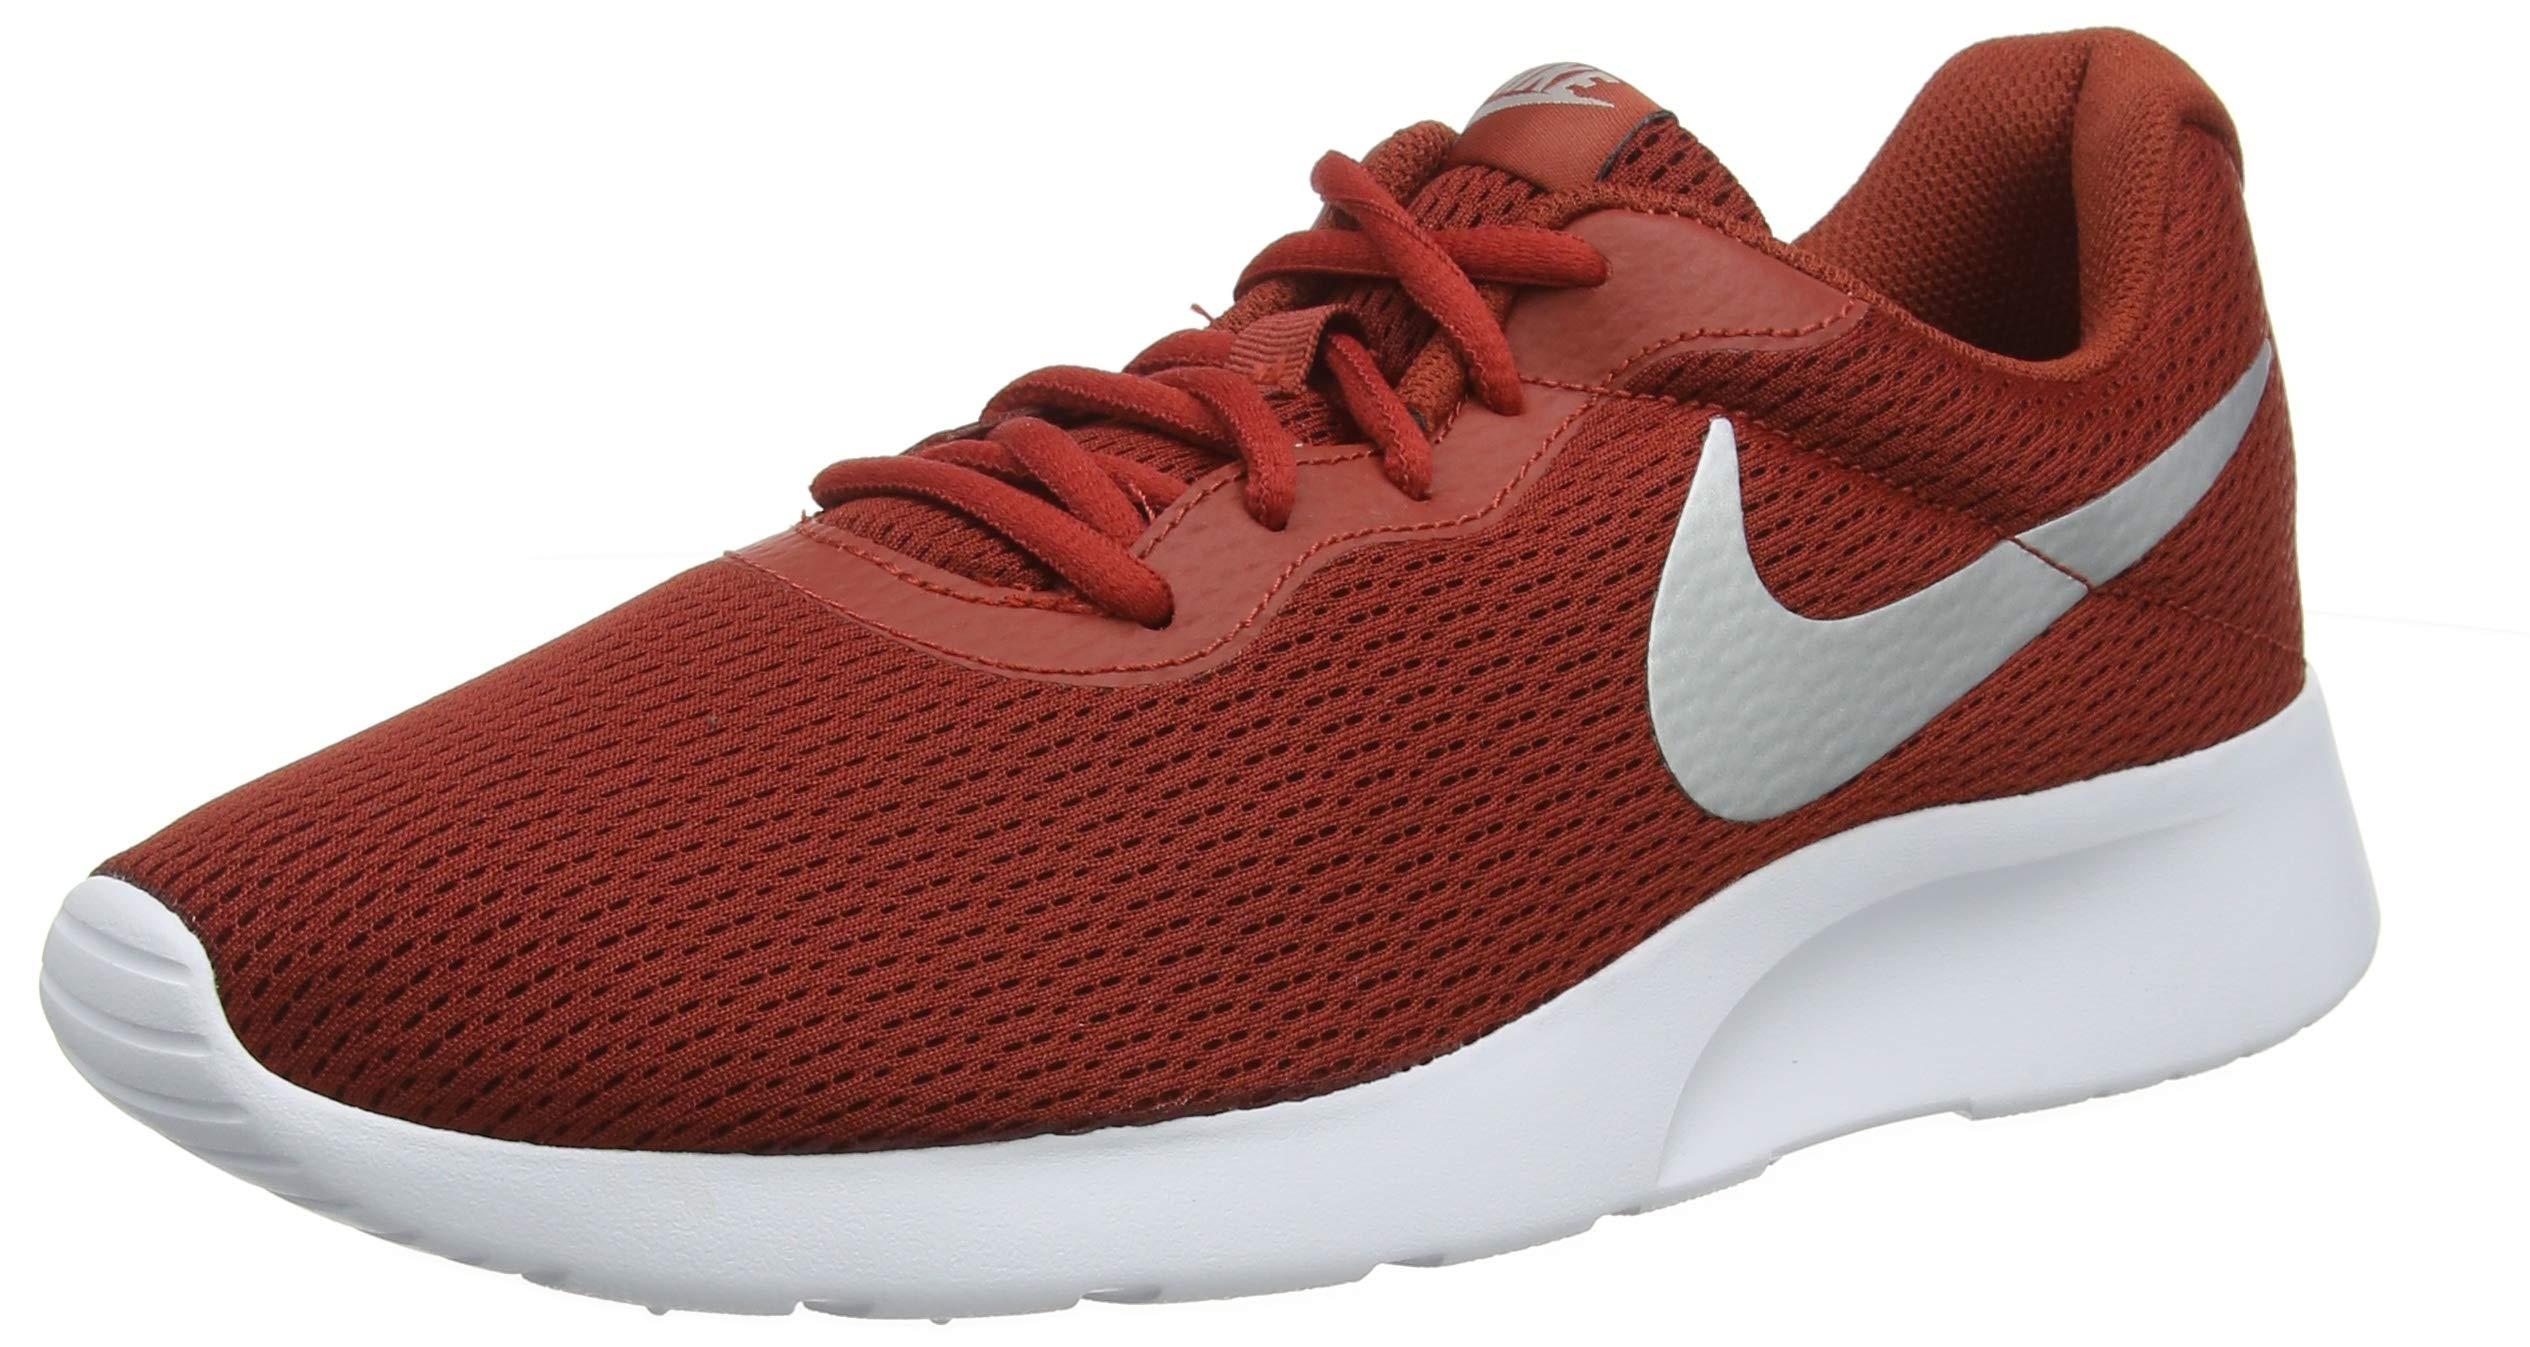 Nike Men's Tanjun, Dune RED/Metallic Silver-White (7 M US, Dune RED/Metallic Silver-White)